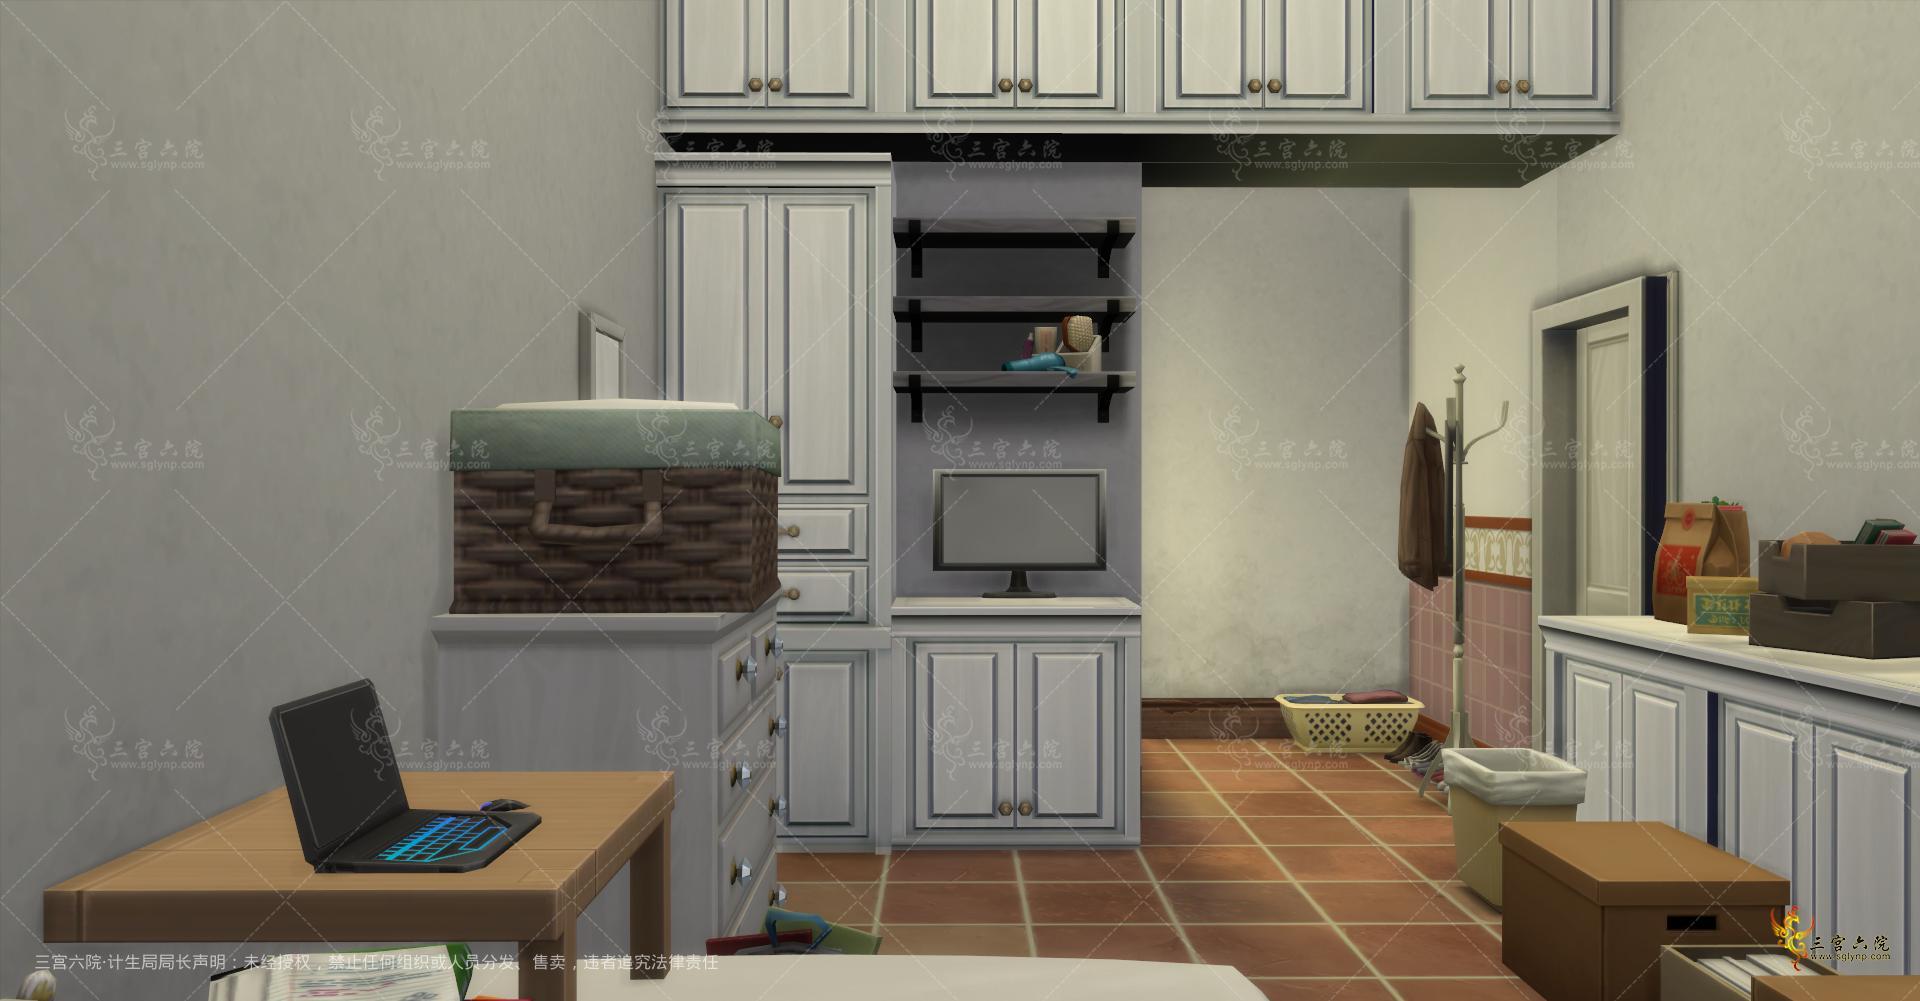 Sims 4 Screenshot 2021.10.04 - 22.20.44.29.png